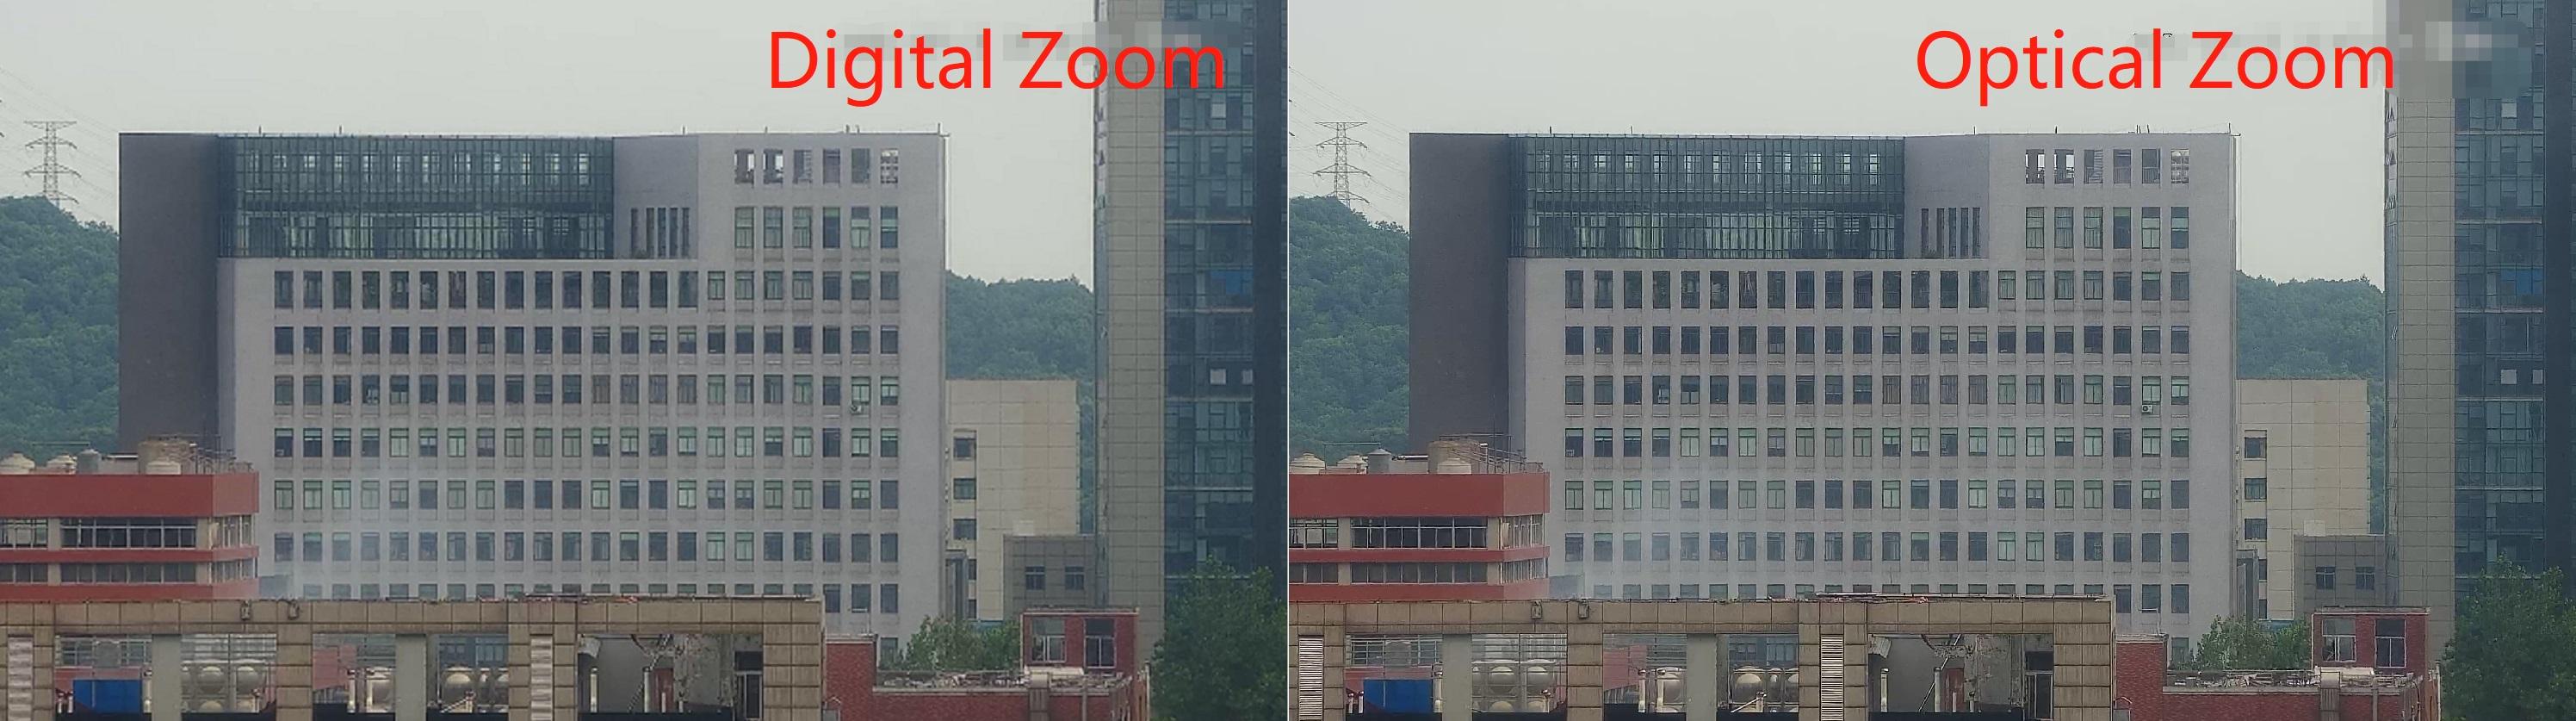 optical digtial zoom